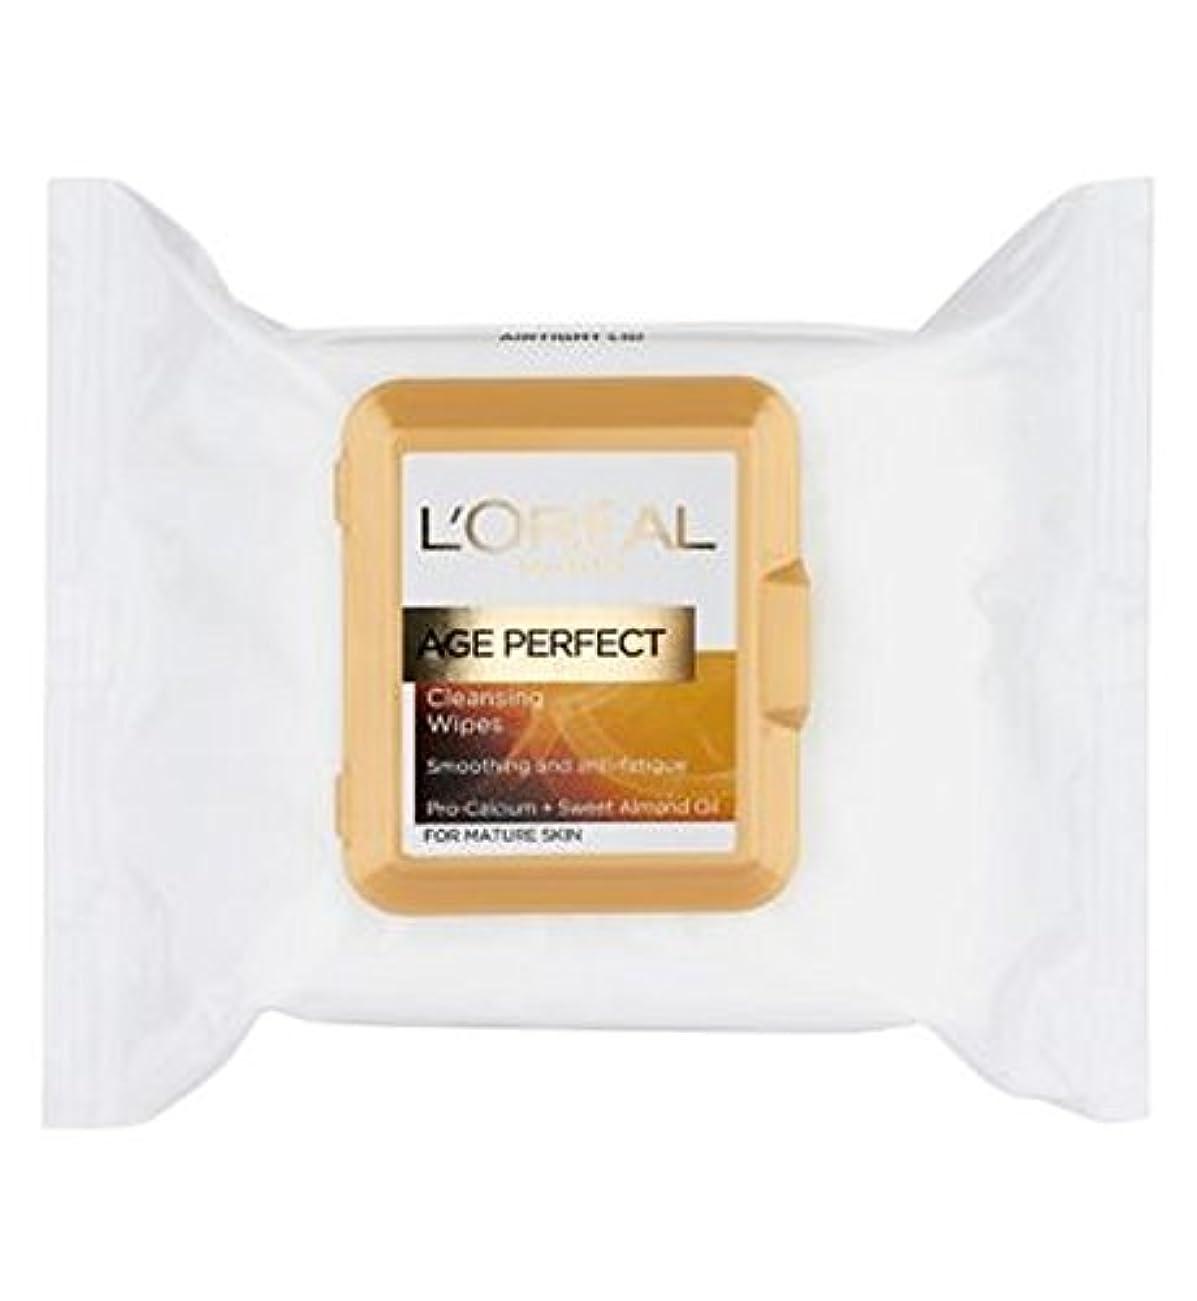 サンプル荷物ピアースL'Oreall Dermo-Expertise Age Smoothing Perfect Cleansing Wipes For Mature Skin 25s - 完璧なクレンジングを平滑L'Oreall真皮専門知識...